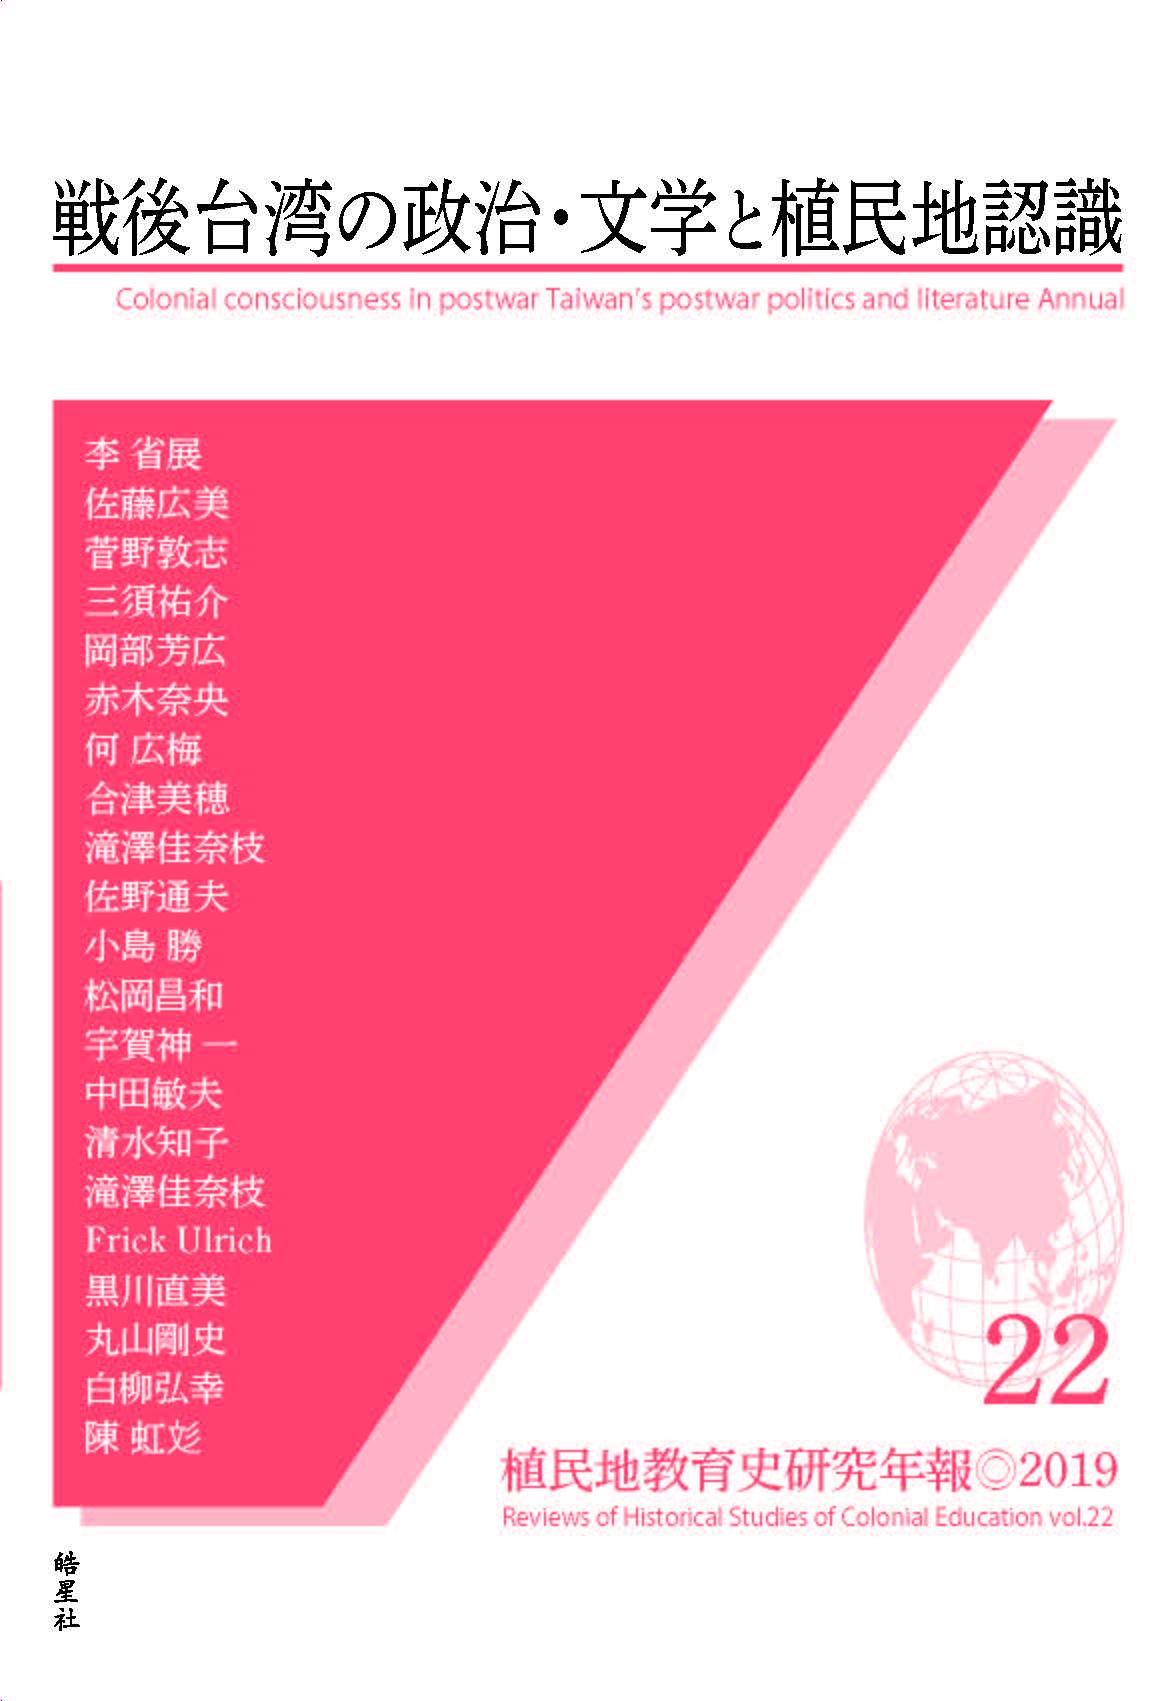 植民地教育史研究年報22 戦後台湾の政治・文学と植民地認識